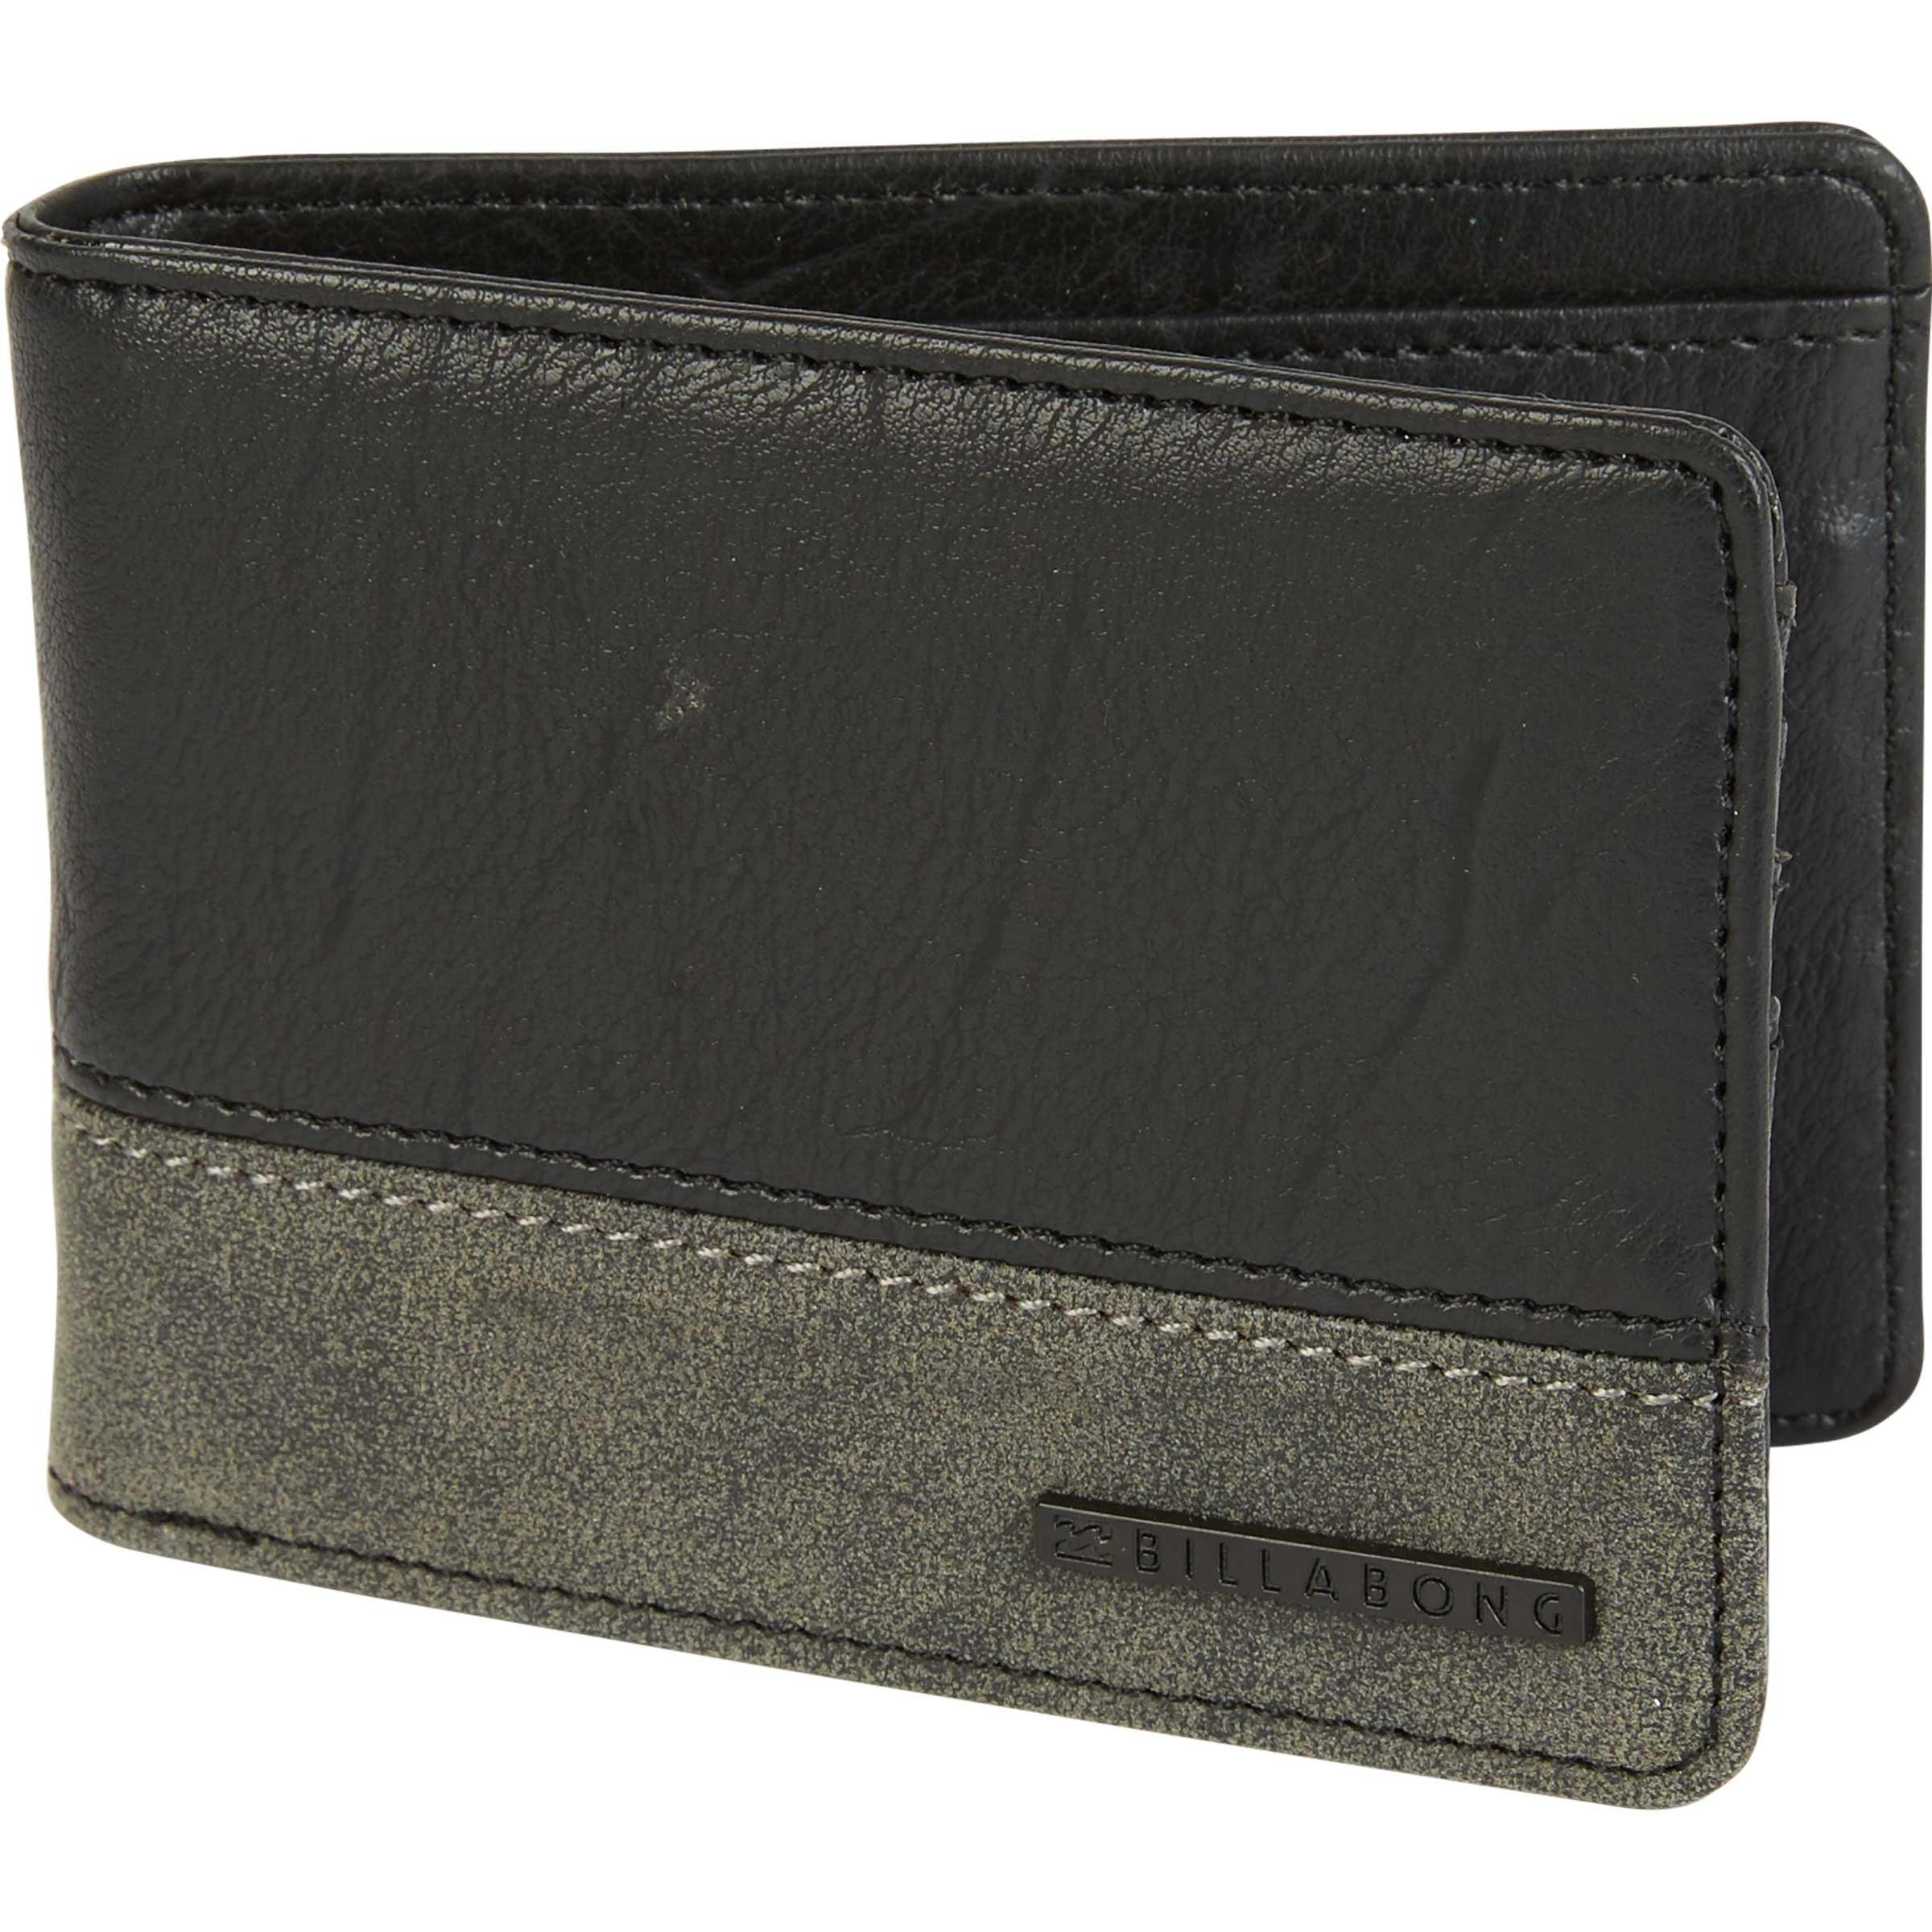 Billabong Men's Dimension Wallet, Stealth, ONE